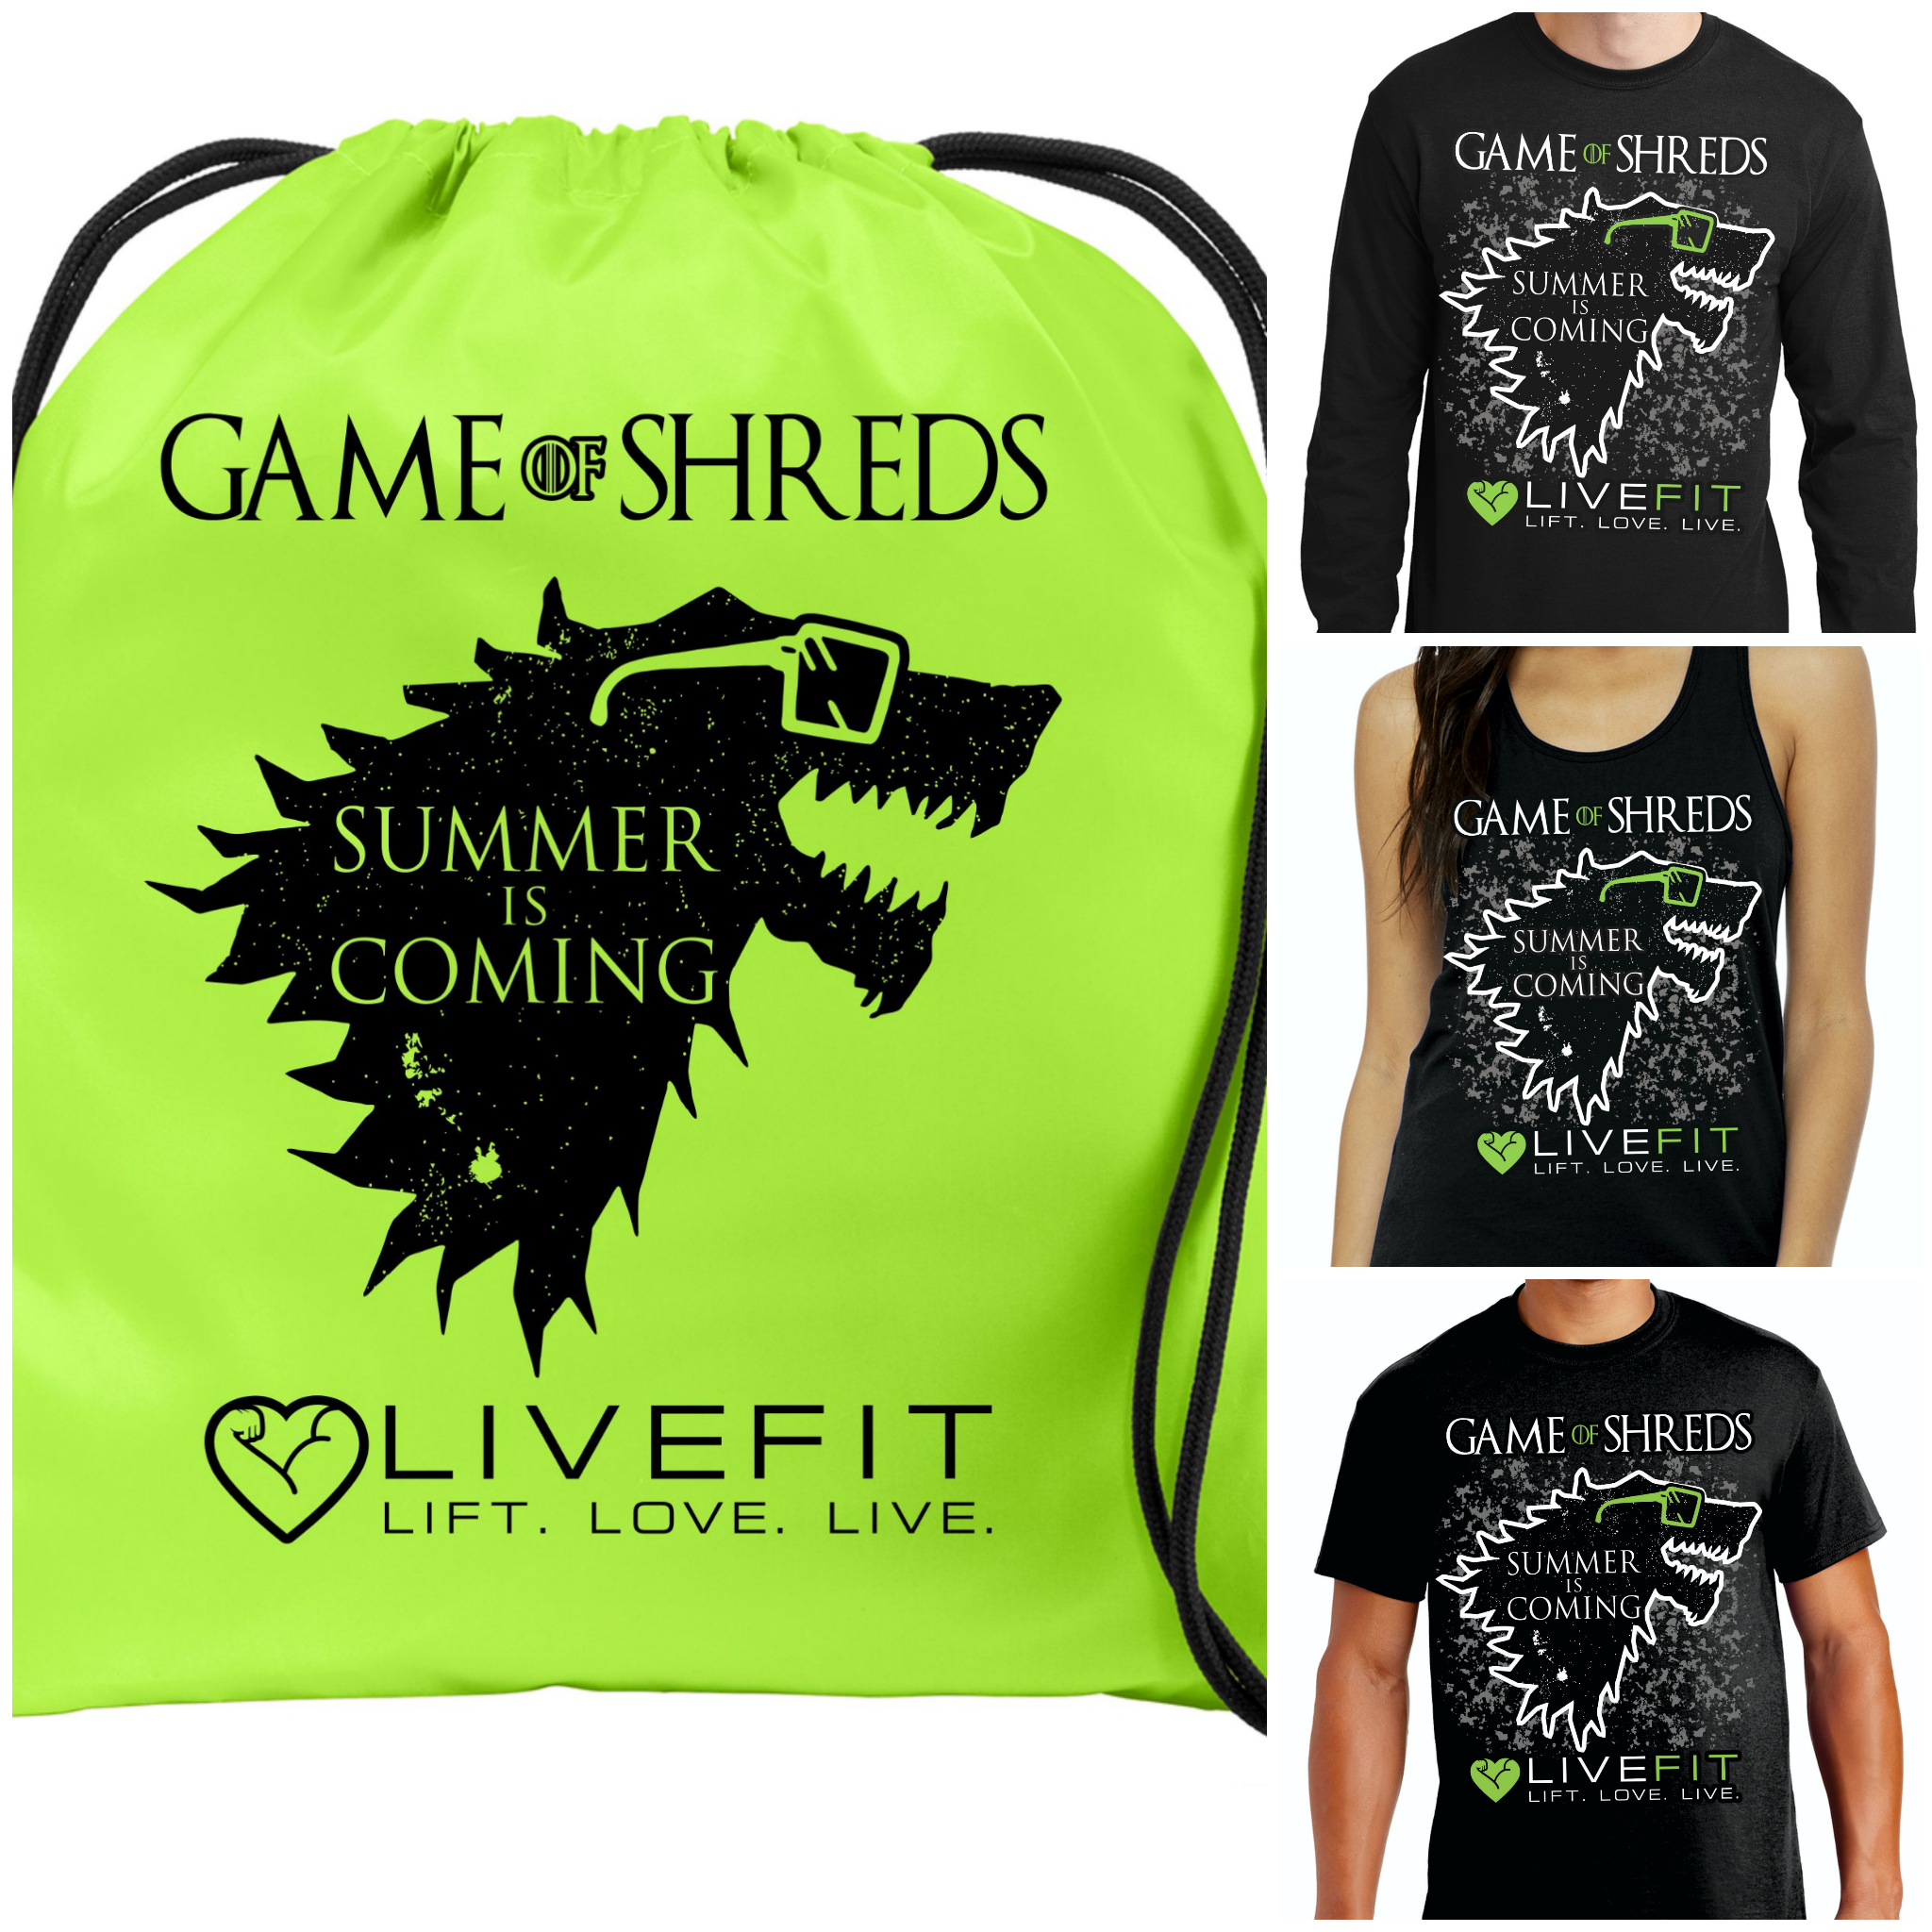 Game of Shreds Apparel